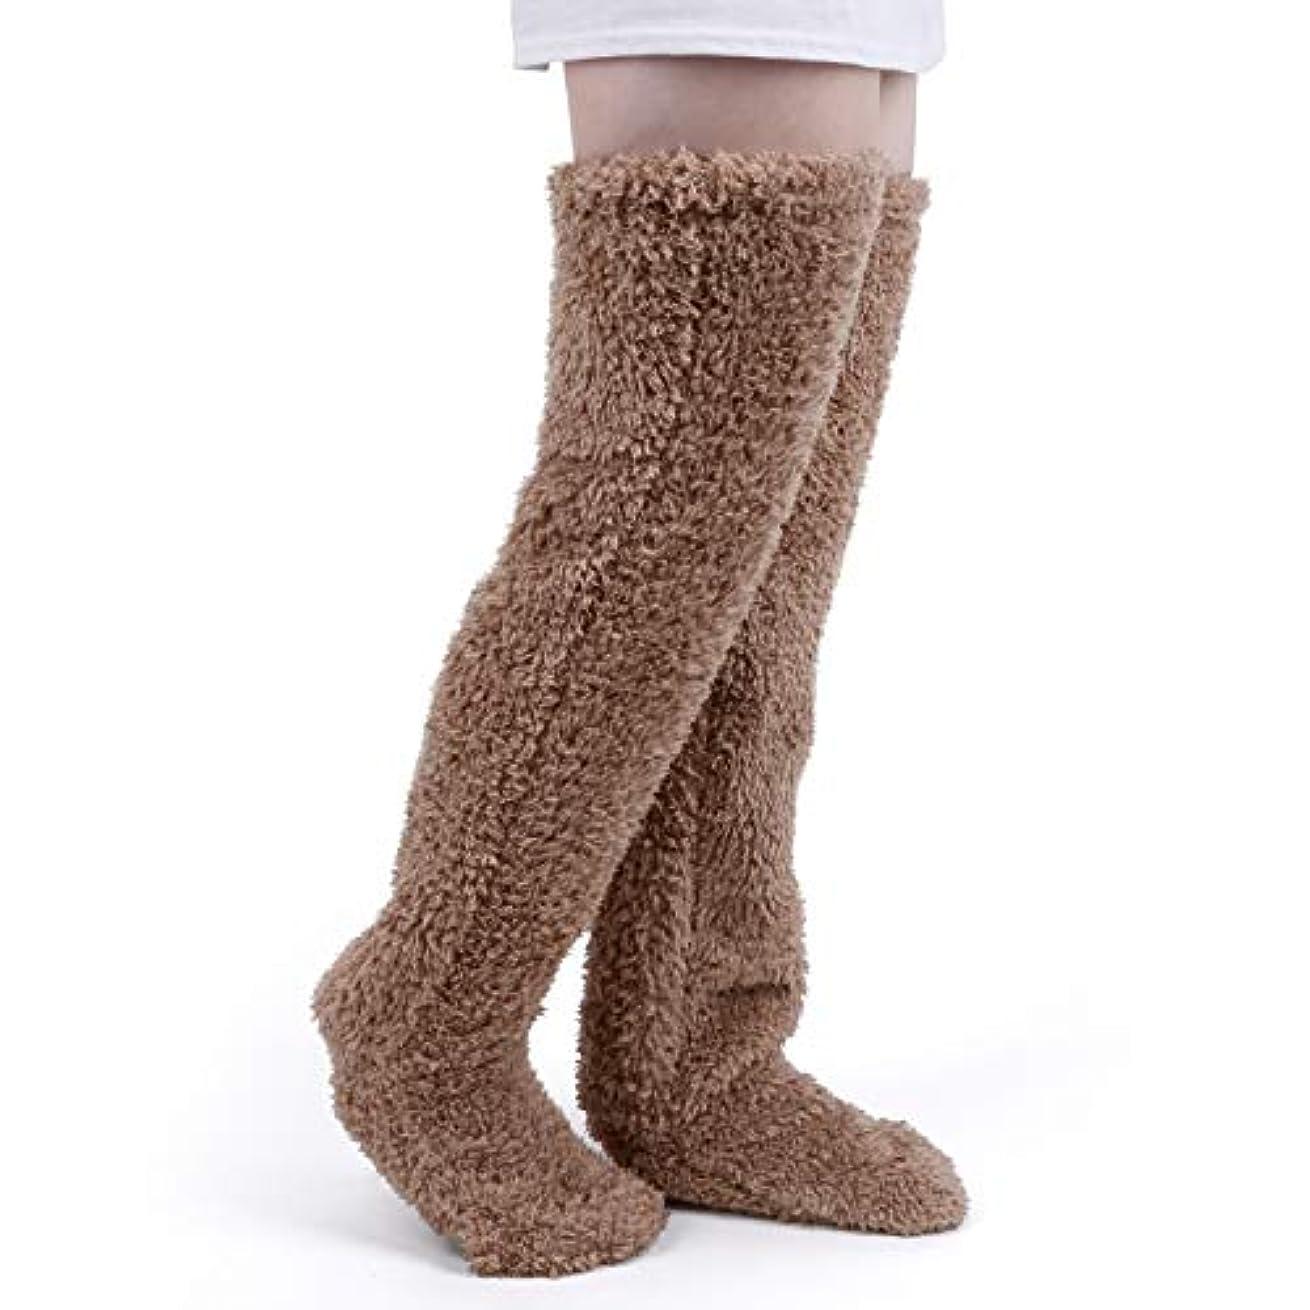 栄光の異常なフェザー極暖 足が出せるロングカバー HIMETSUYA ルームシューズ ルームソックス あったかグッズ ロングカバー 冷え性 靴下 ソックス 足の大きさ23~26.5cmまで (茶褐色)